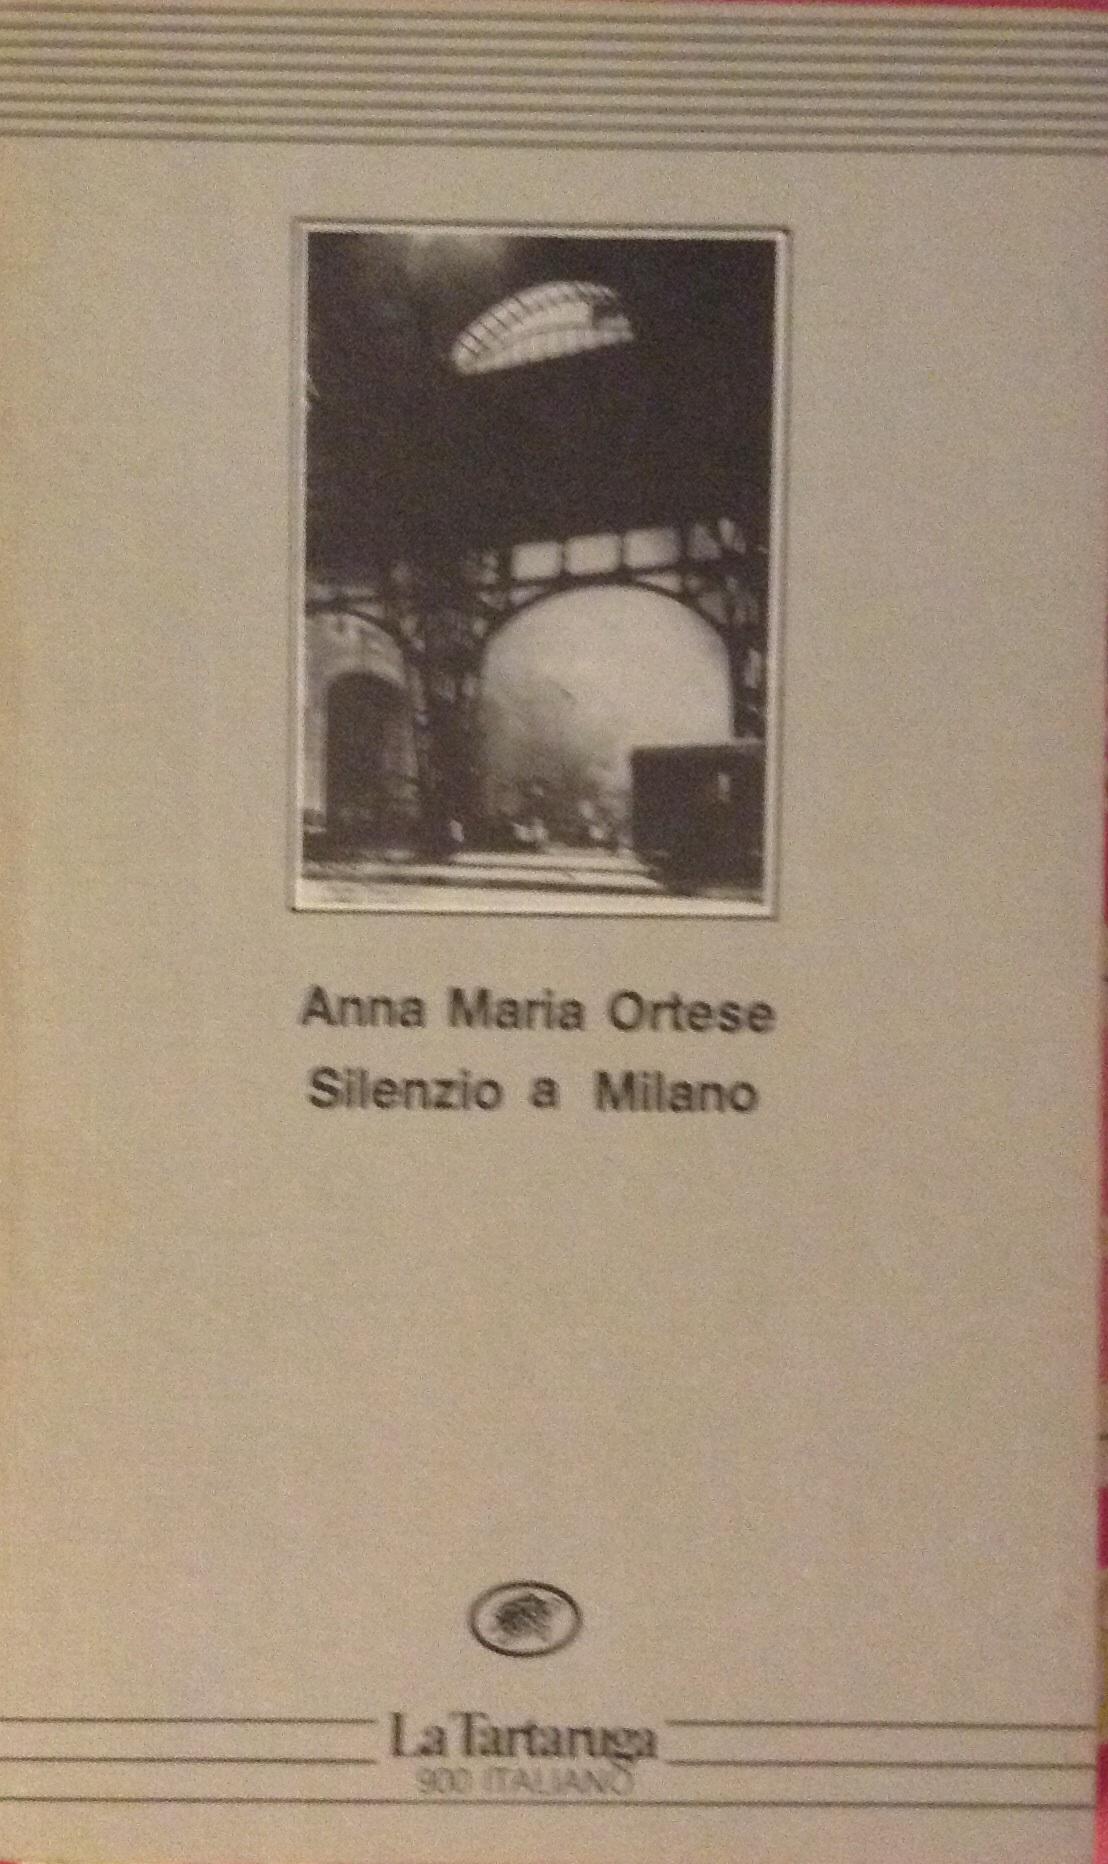 Silenzio a Milano